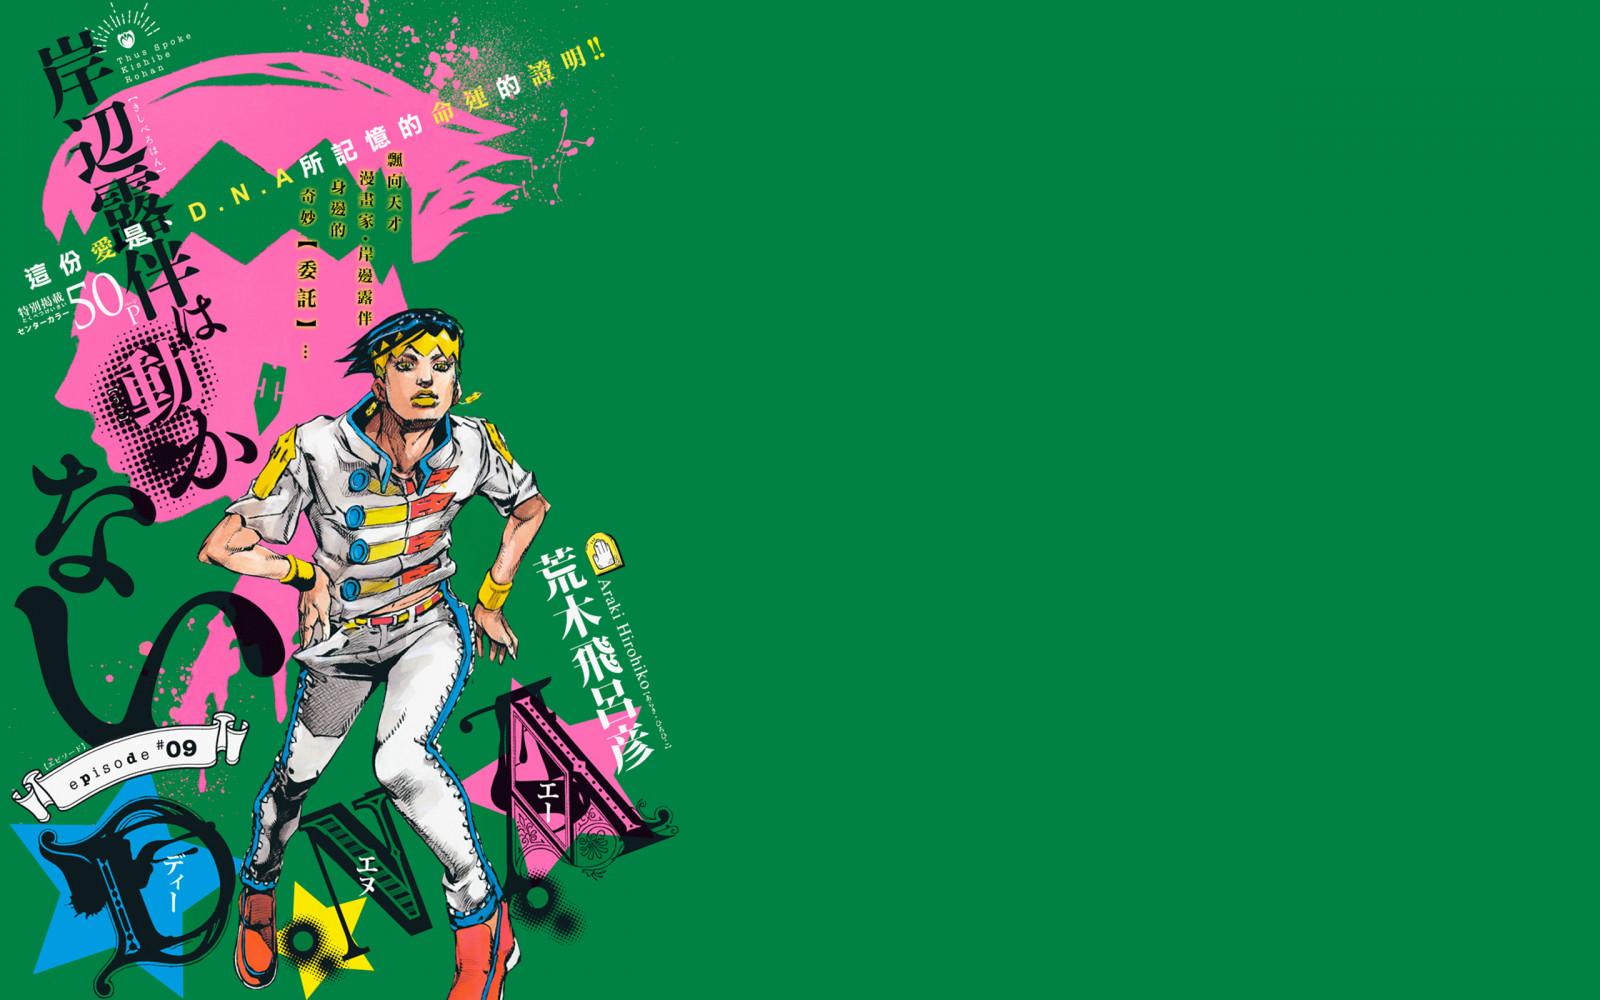 Wallpaper Jojo S Bizarre Adventure Jojo Anime Manga